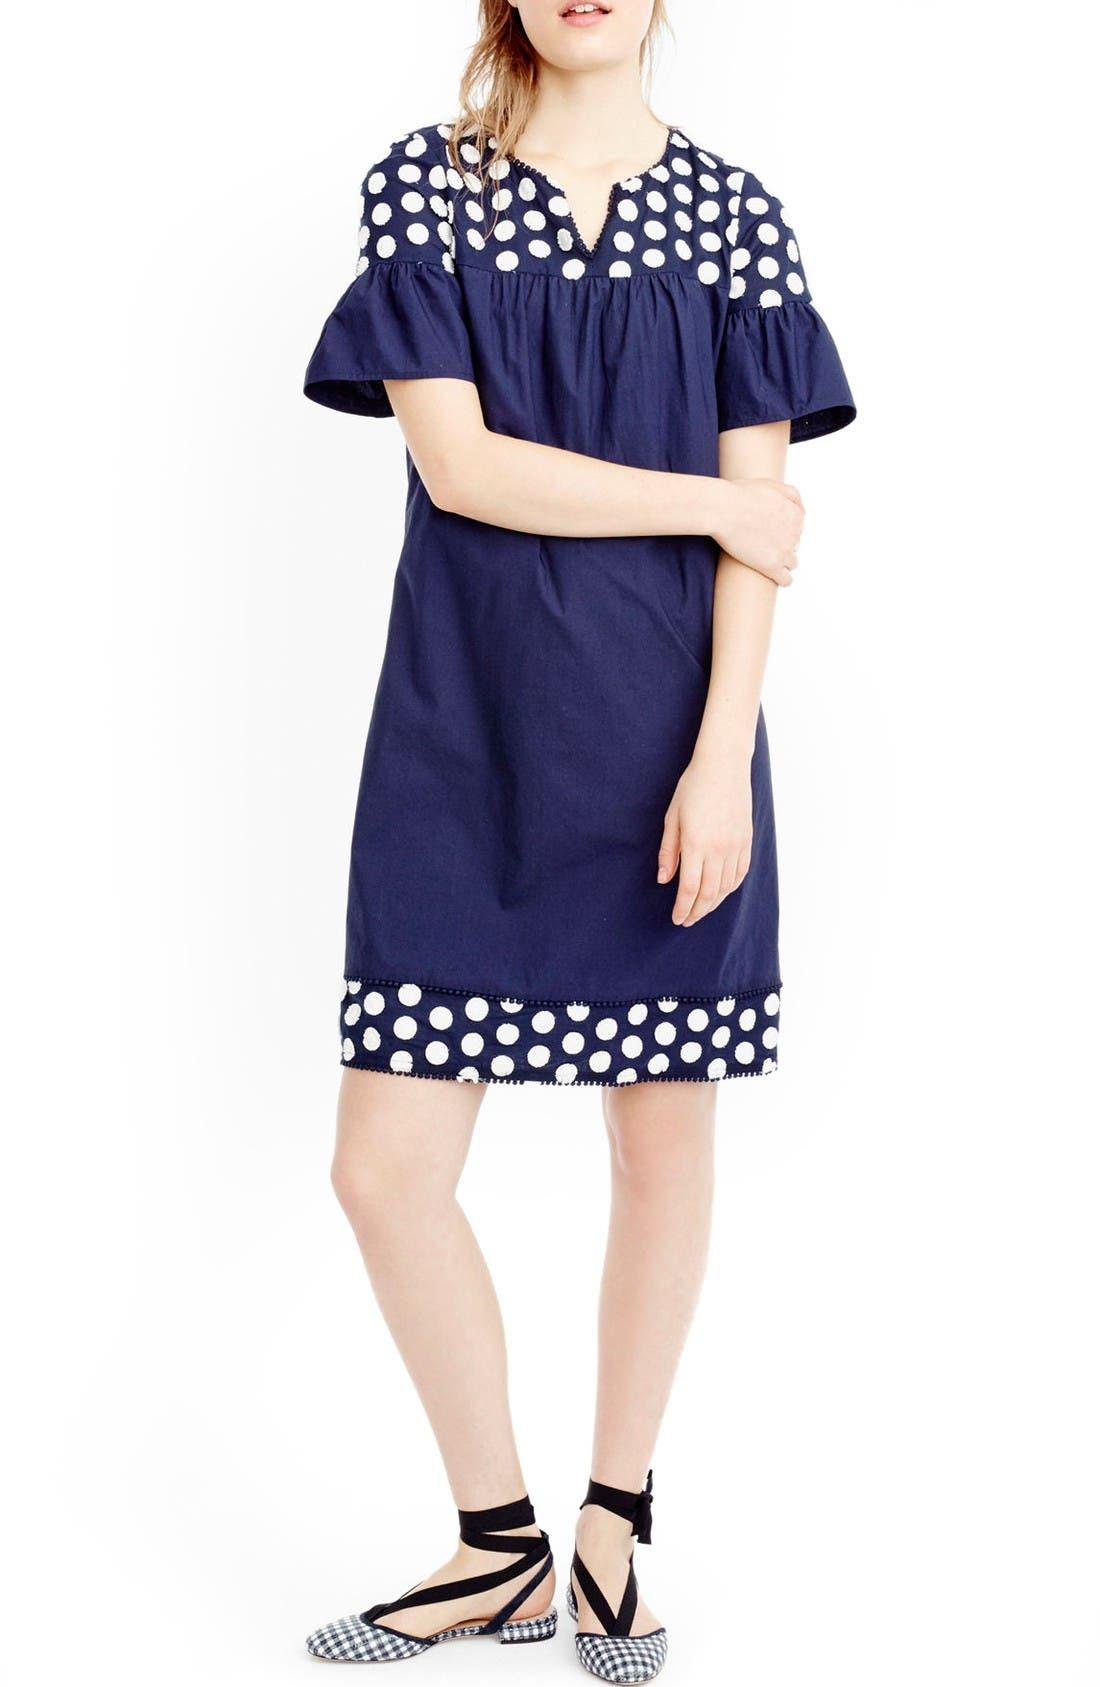 Alternate Image 1 Selected - J.Crew Bell Sleeve Fringe Dot Dress (Regular & Petite)